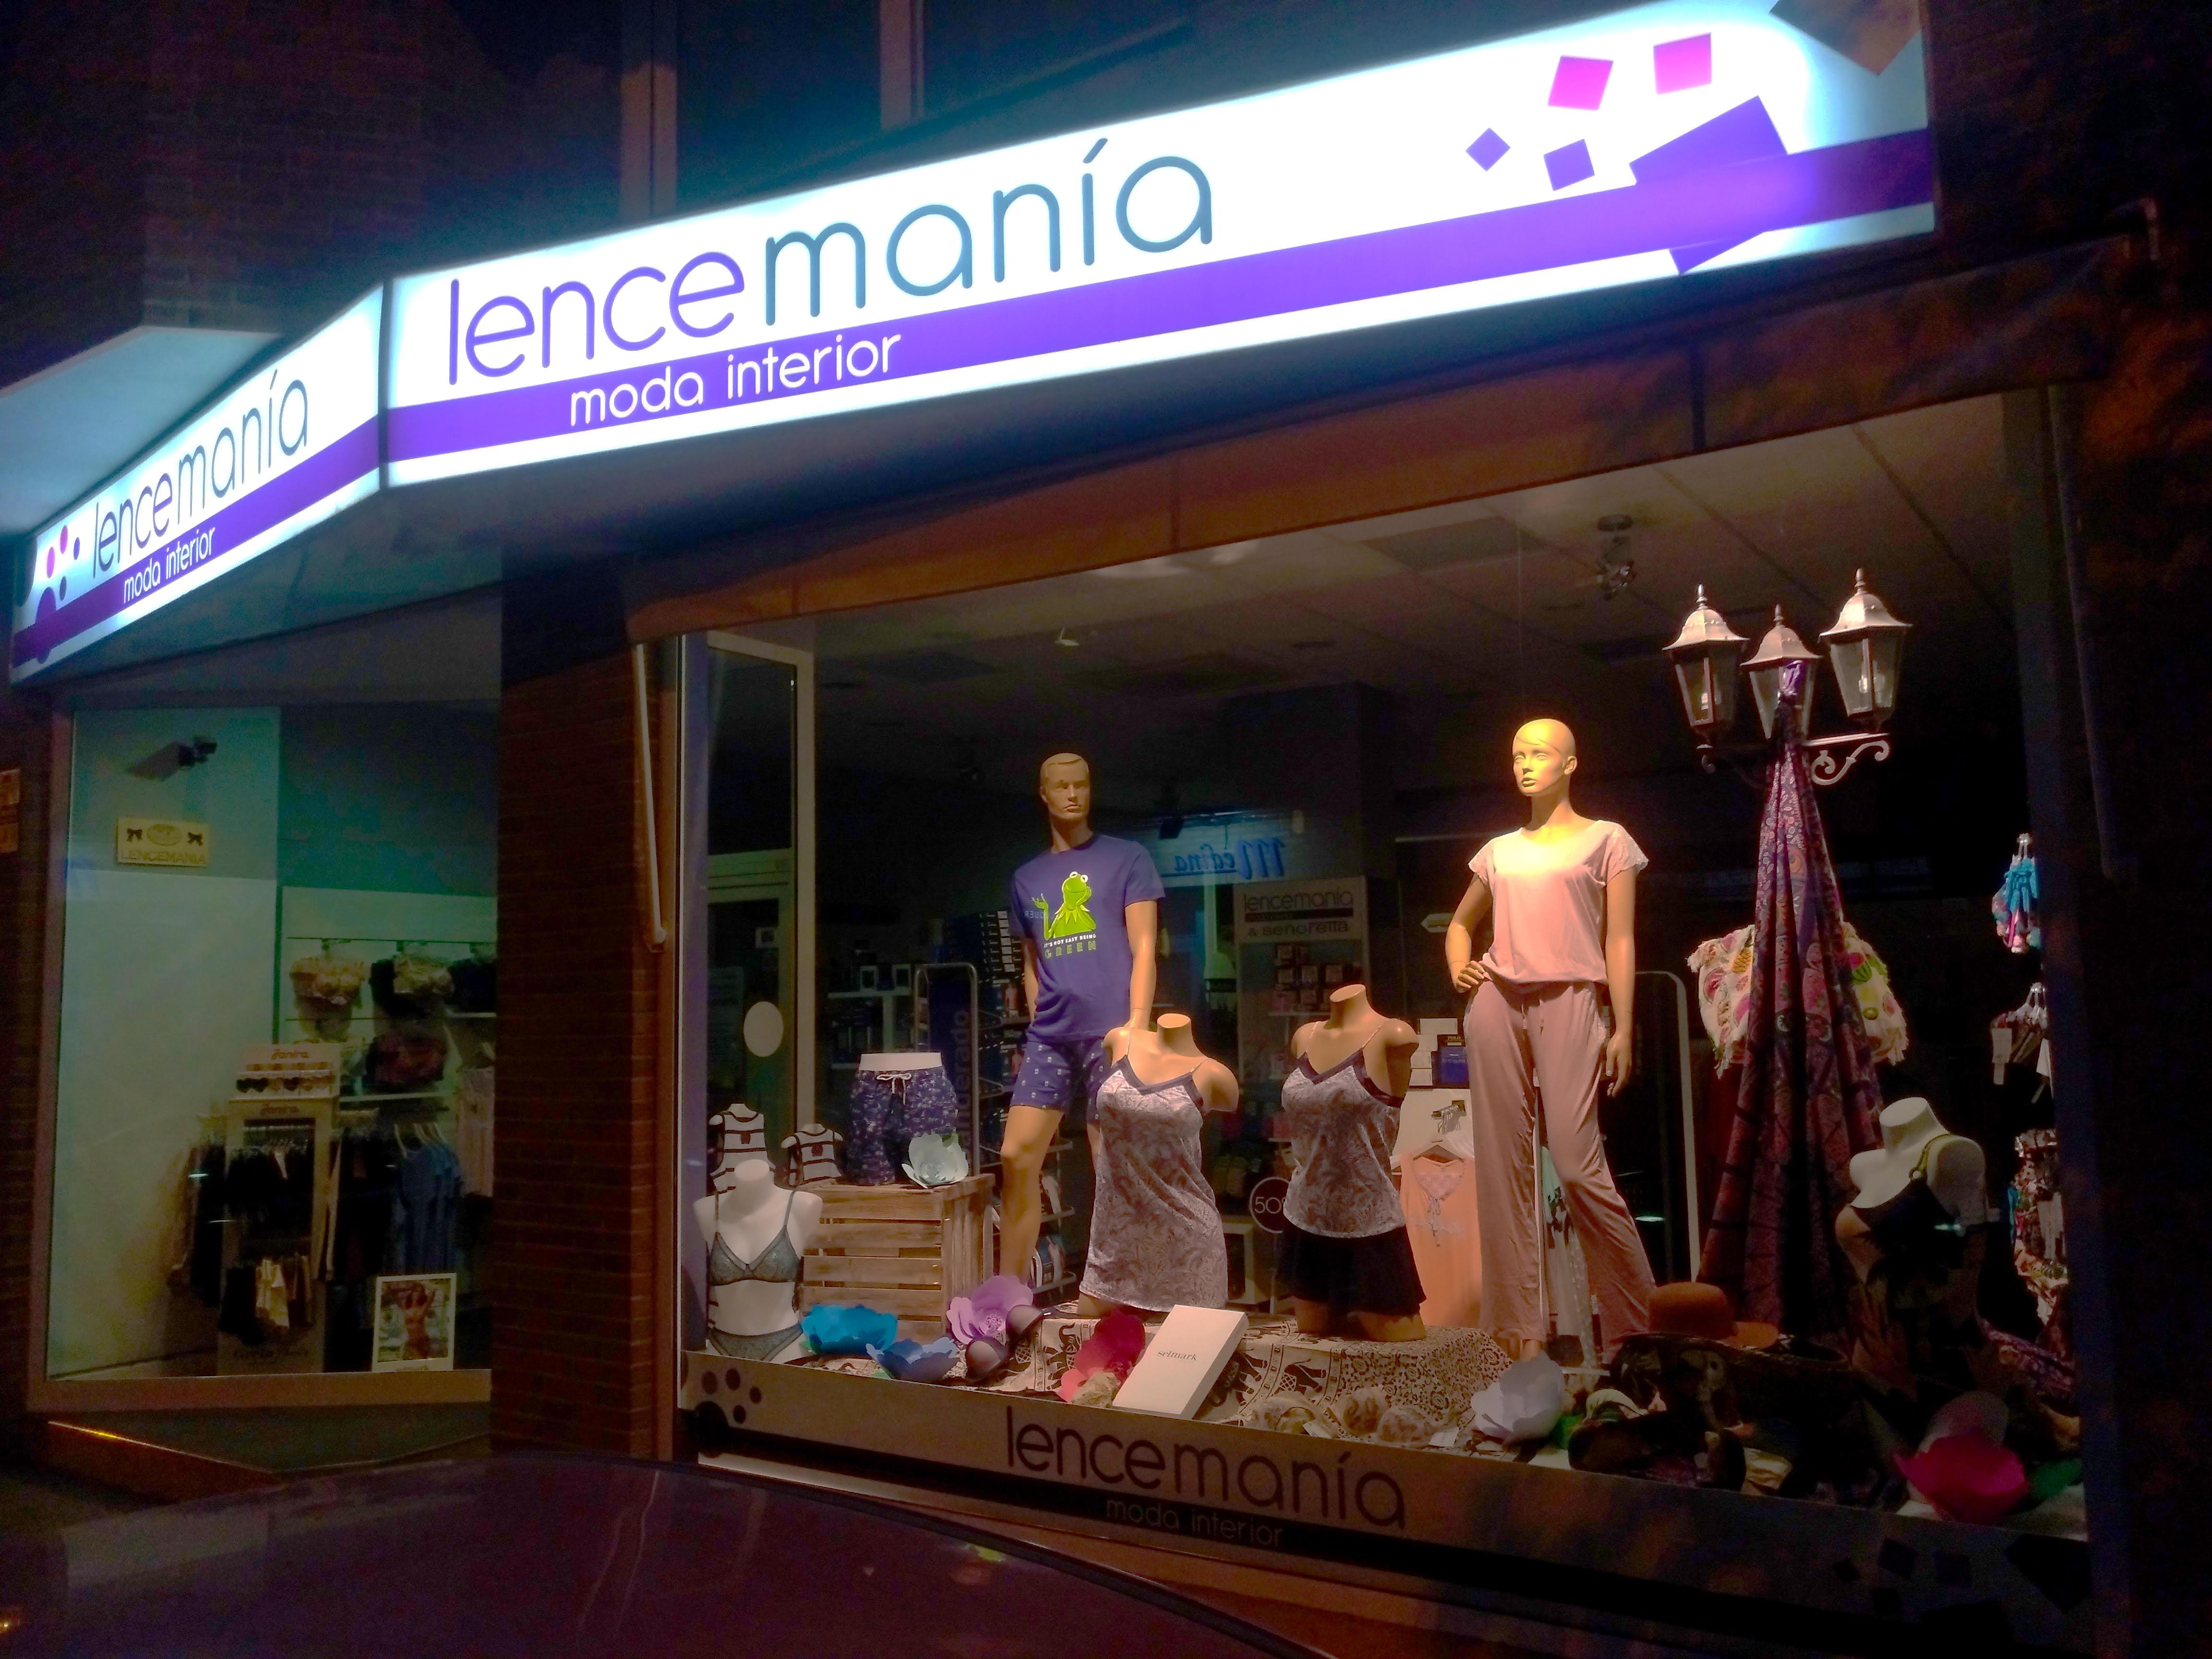 Lencemanía, moda interior